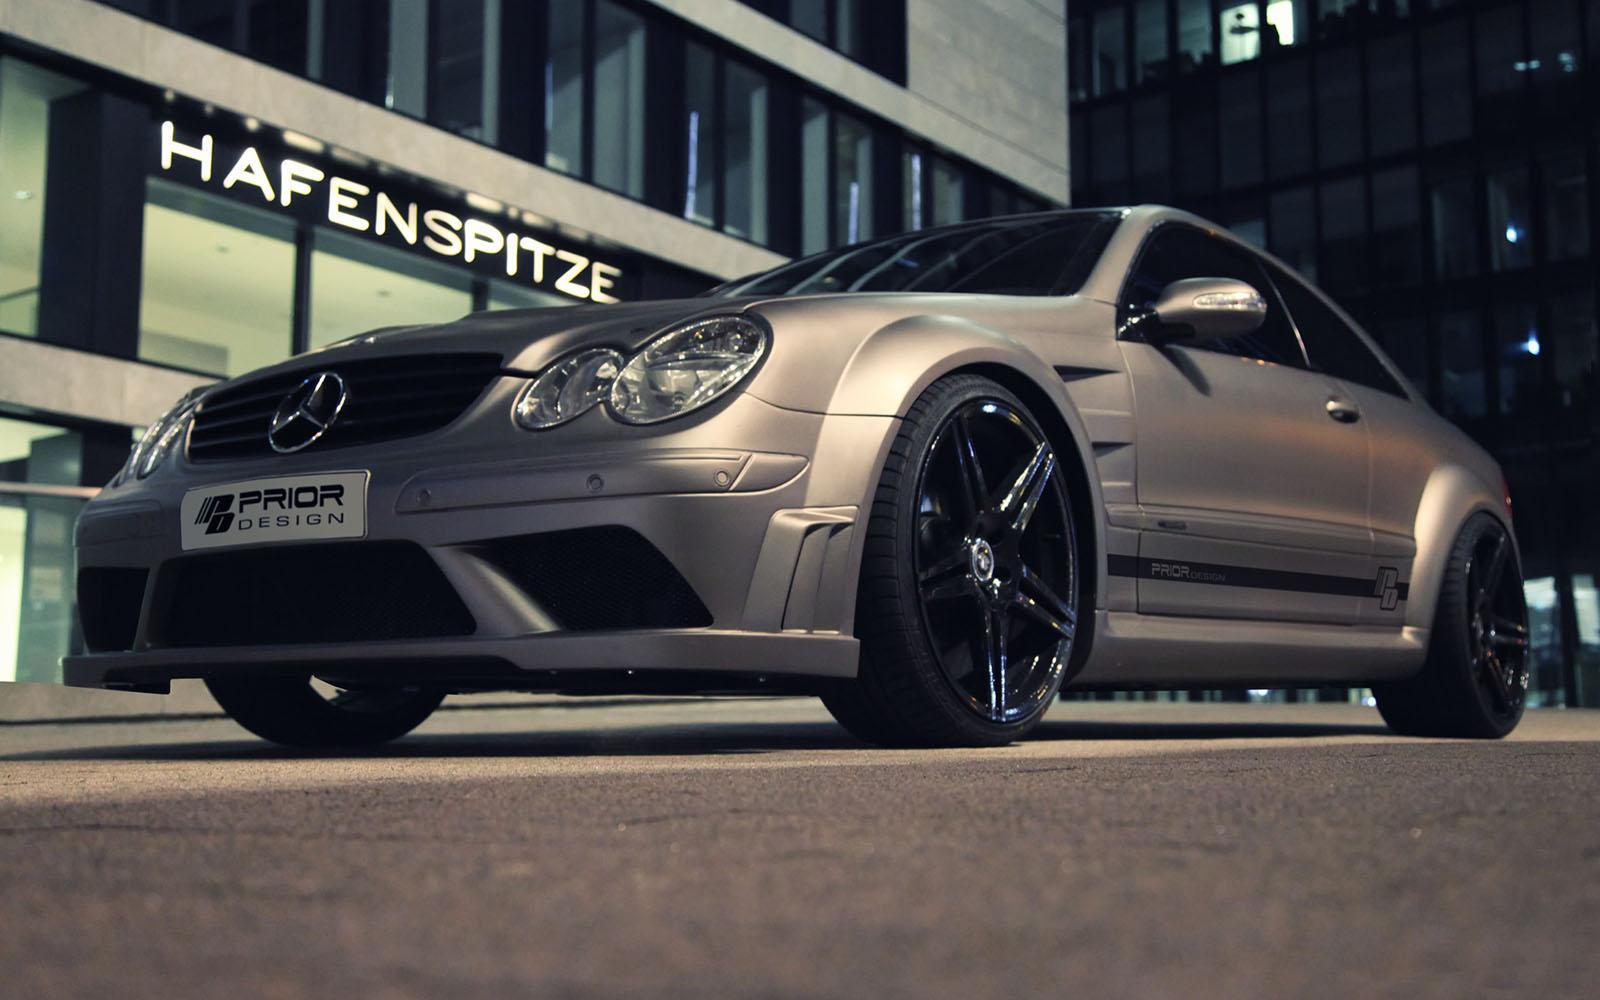 Prior design introduces clk amg black series body kit for Mercedes benz clk black series body kit